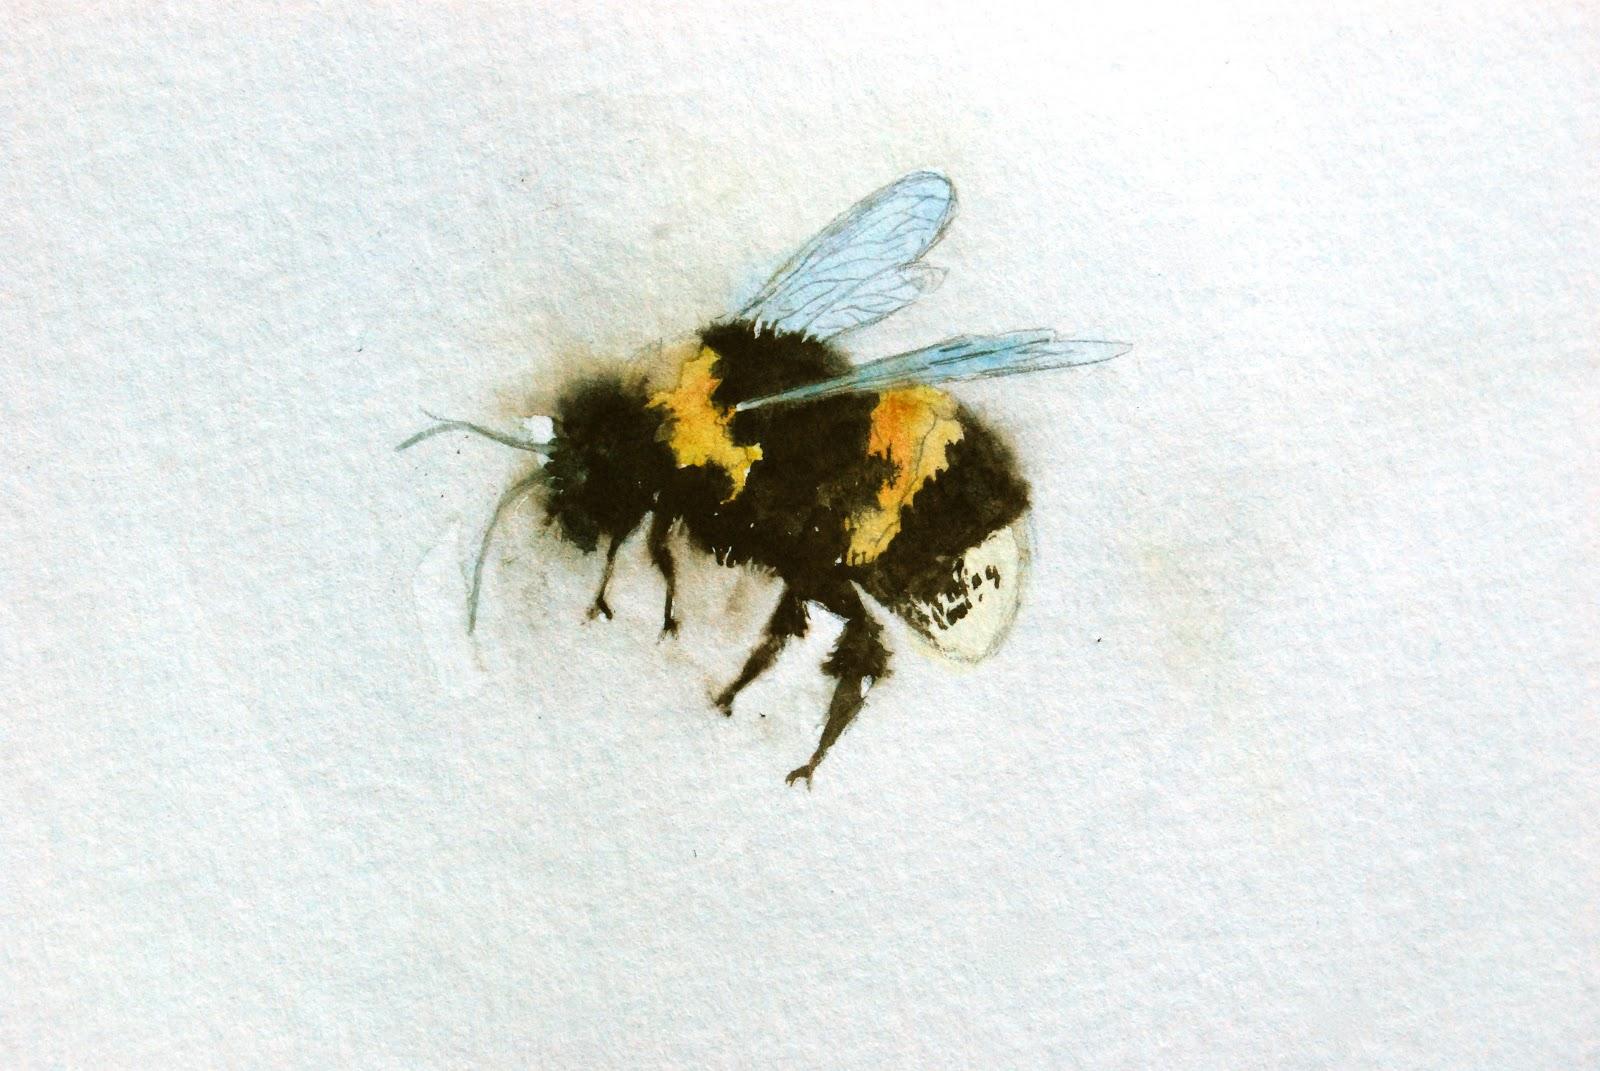 Bumble Bee In Haze